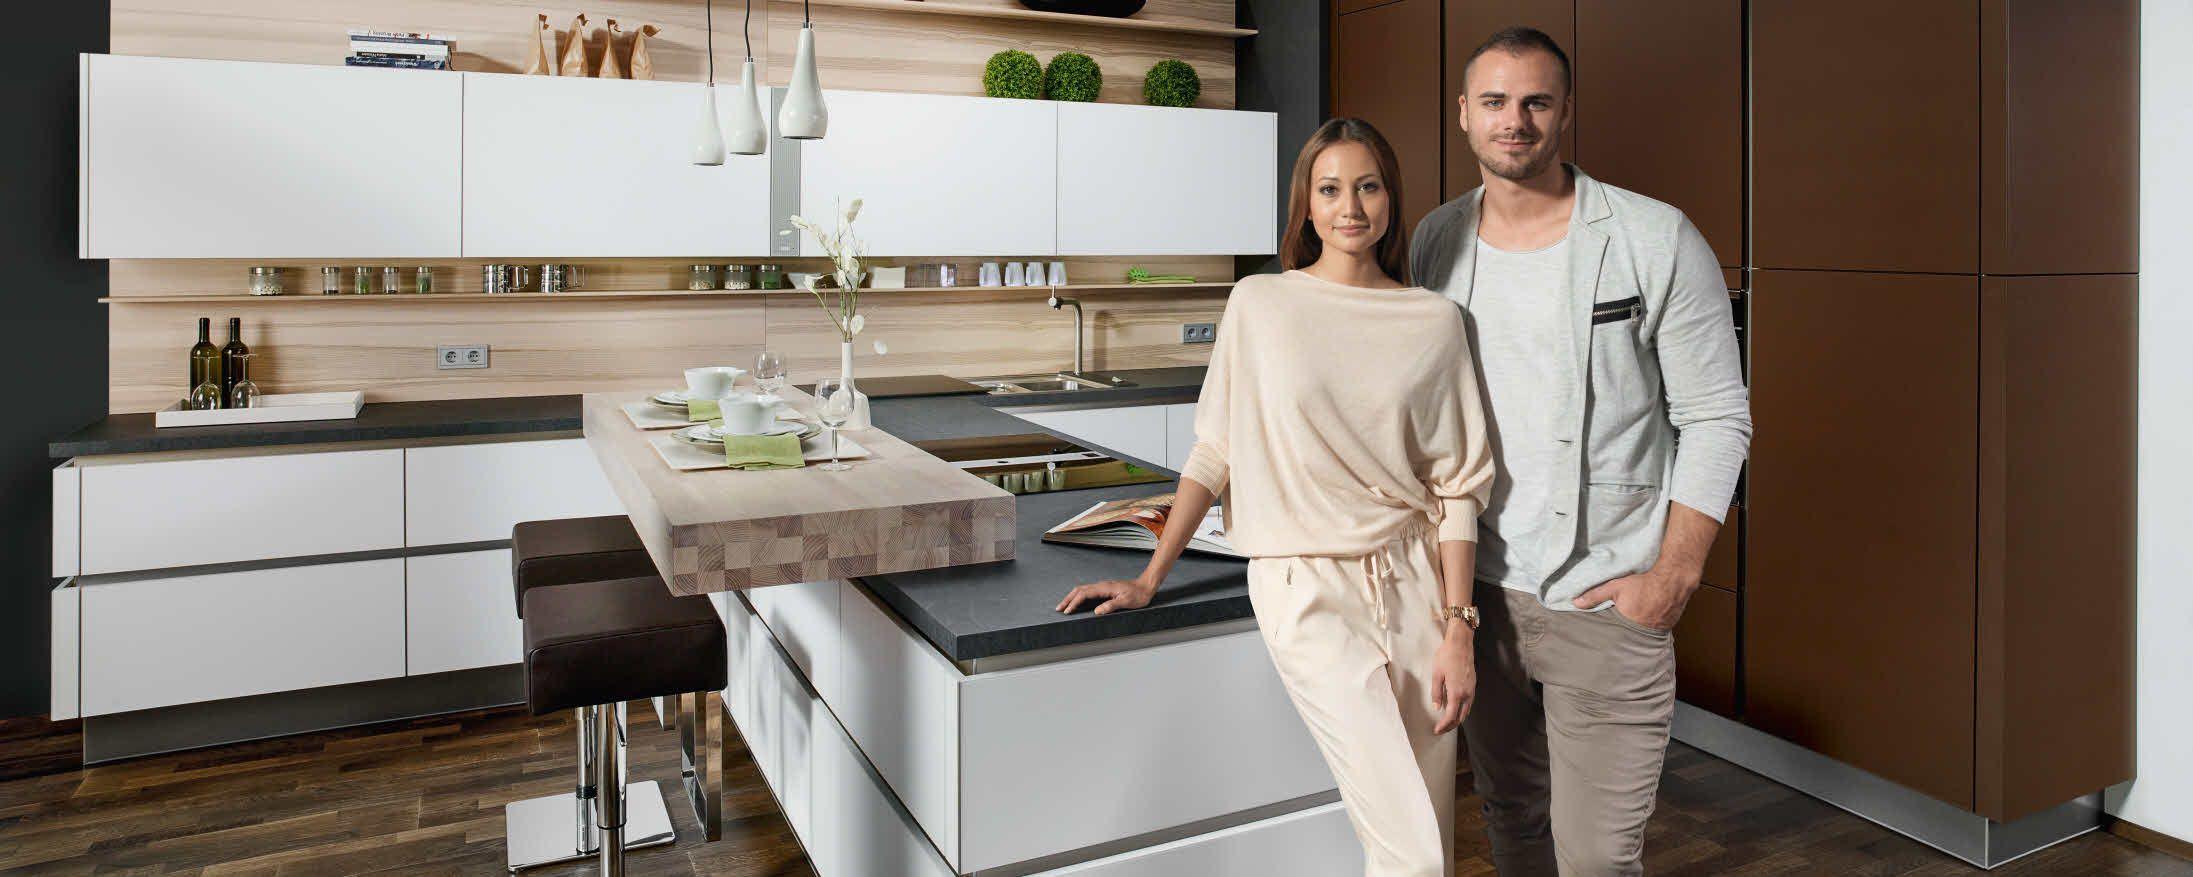 1000+ ideas about ewe küchen on pinterest   küche weiß holz, küche